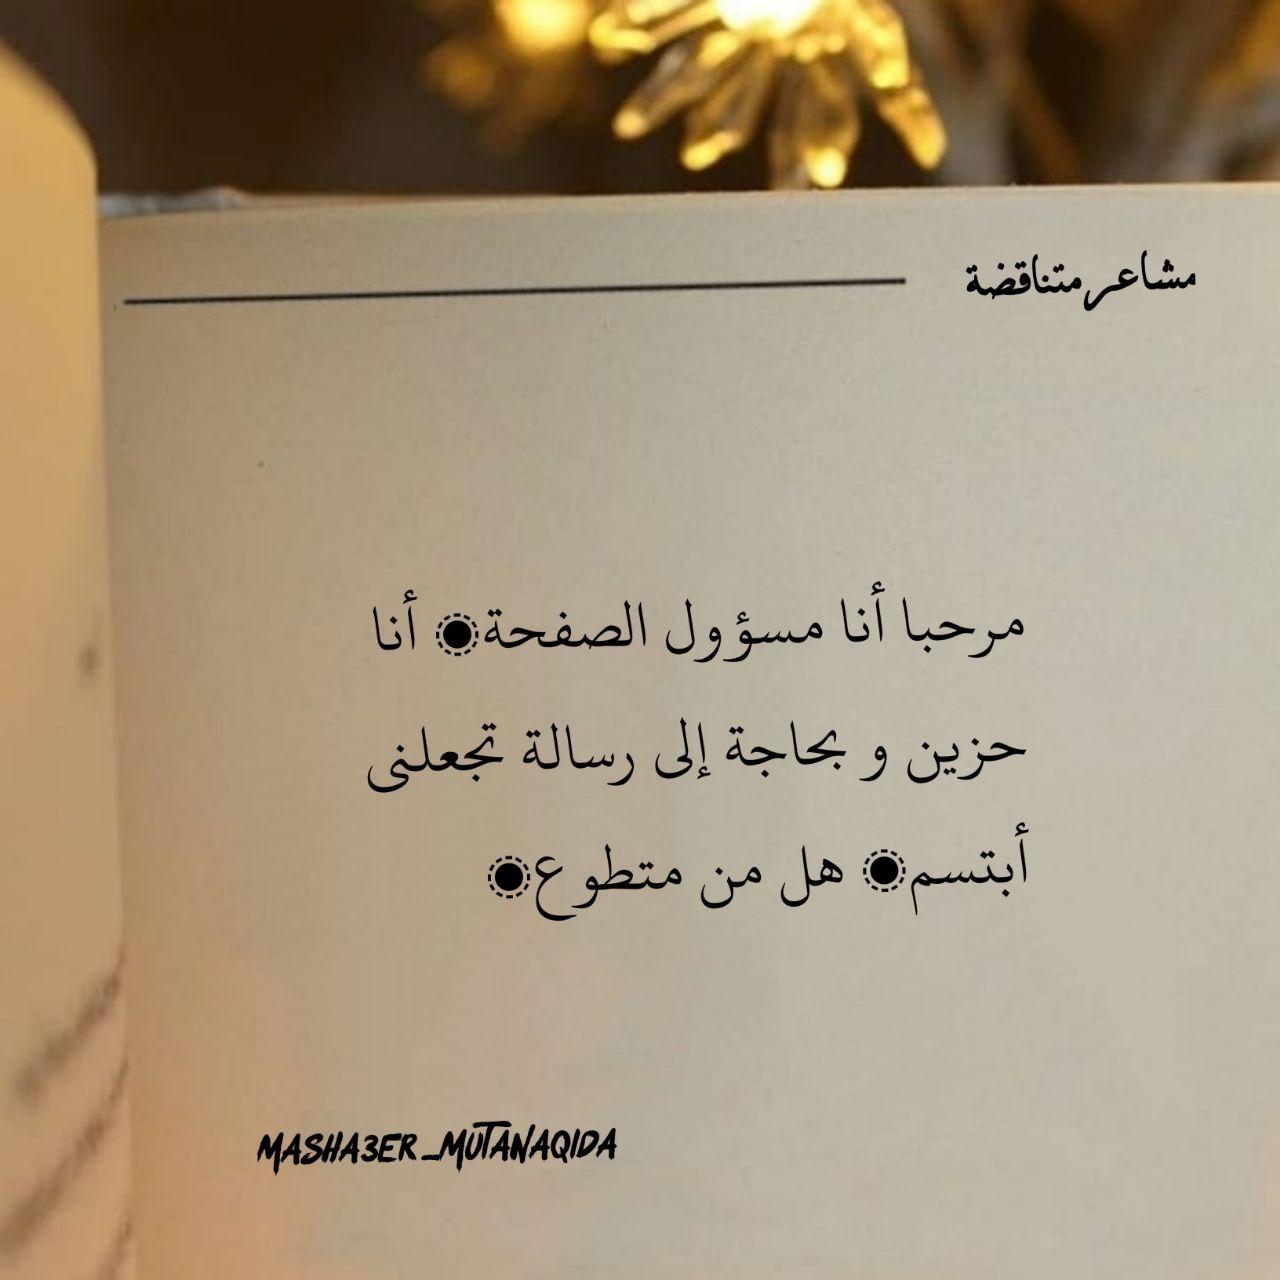 أنا حزين و بحاجة إلى رسالة تجعلني أبتسم Cards Against Humanity Cards Calligraphy